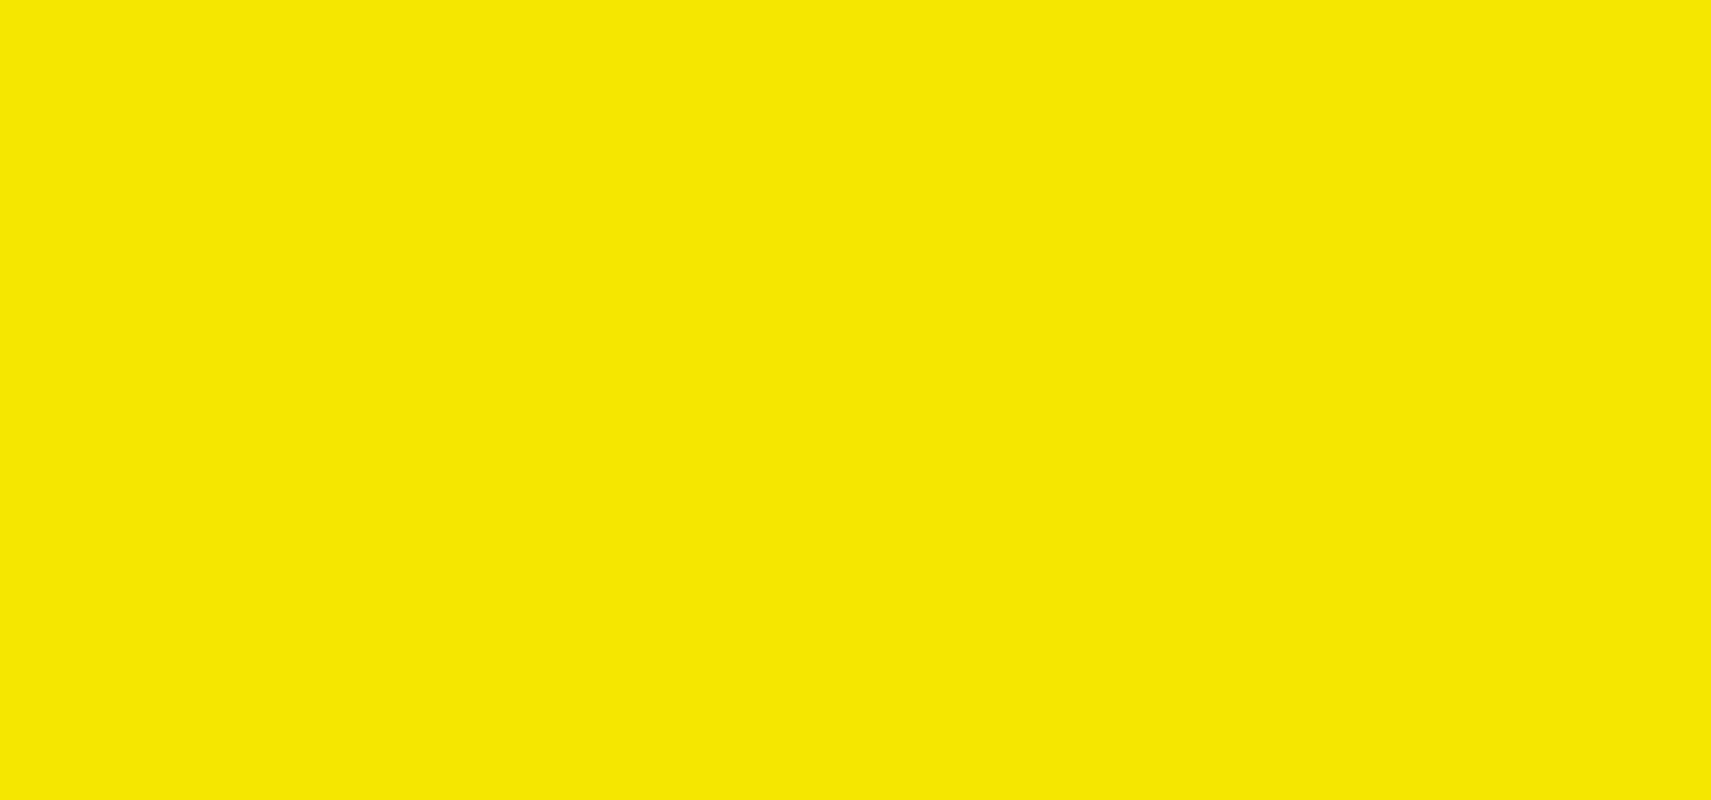 Aduis Acryliic acrylverf - 500 ml, primair geel